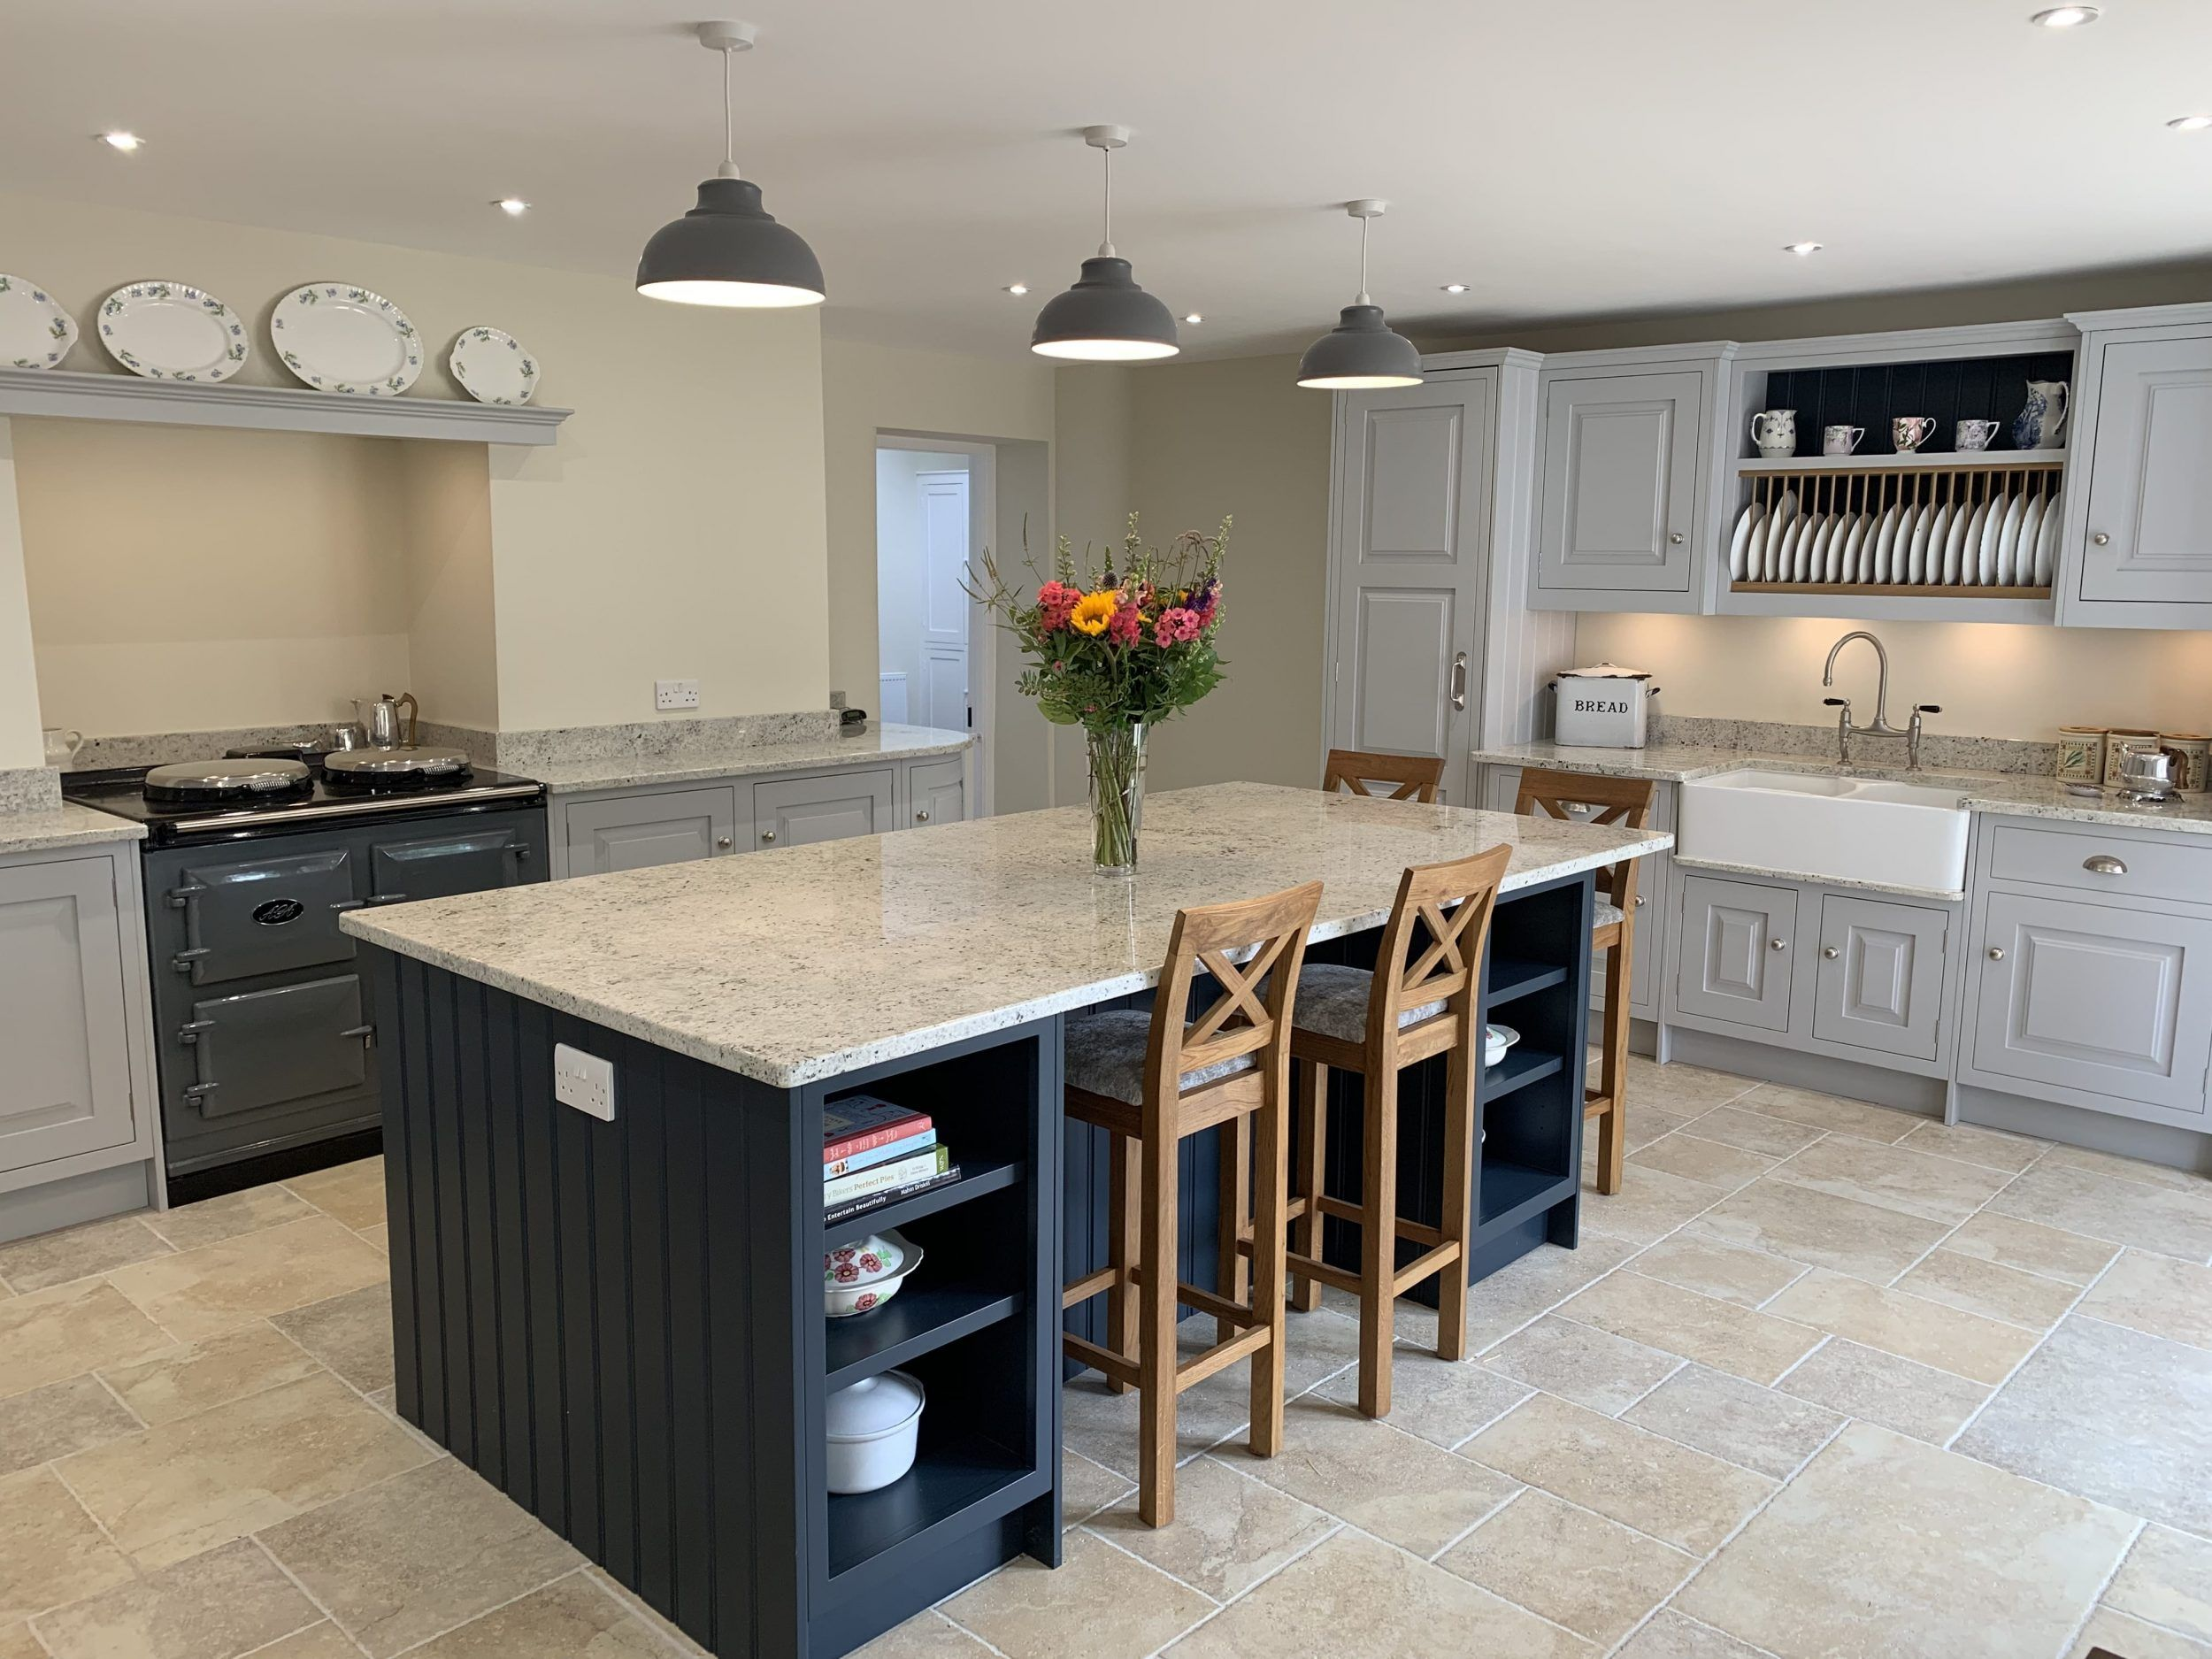 Artisan Kitchens UK in 2020 | Luxury kitchen design ...